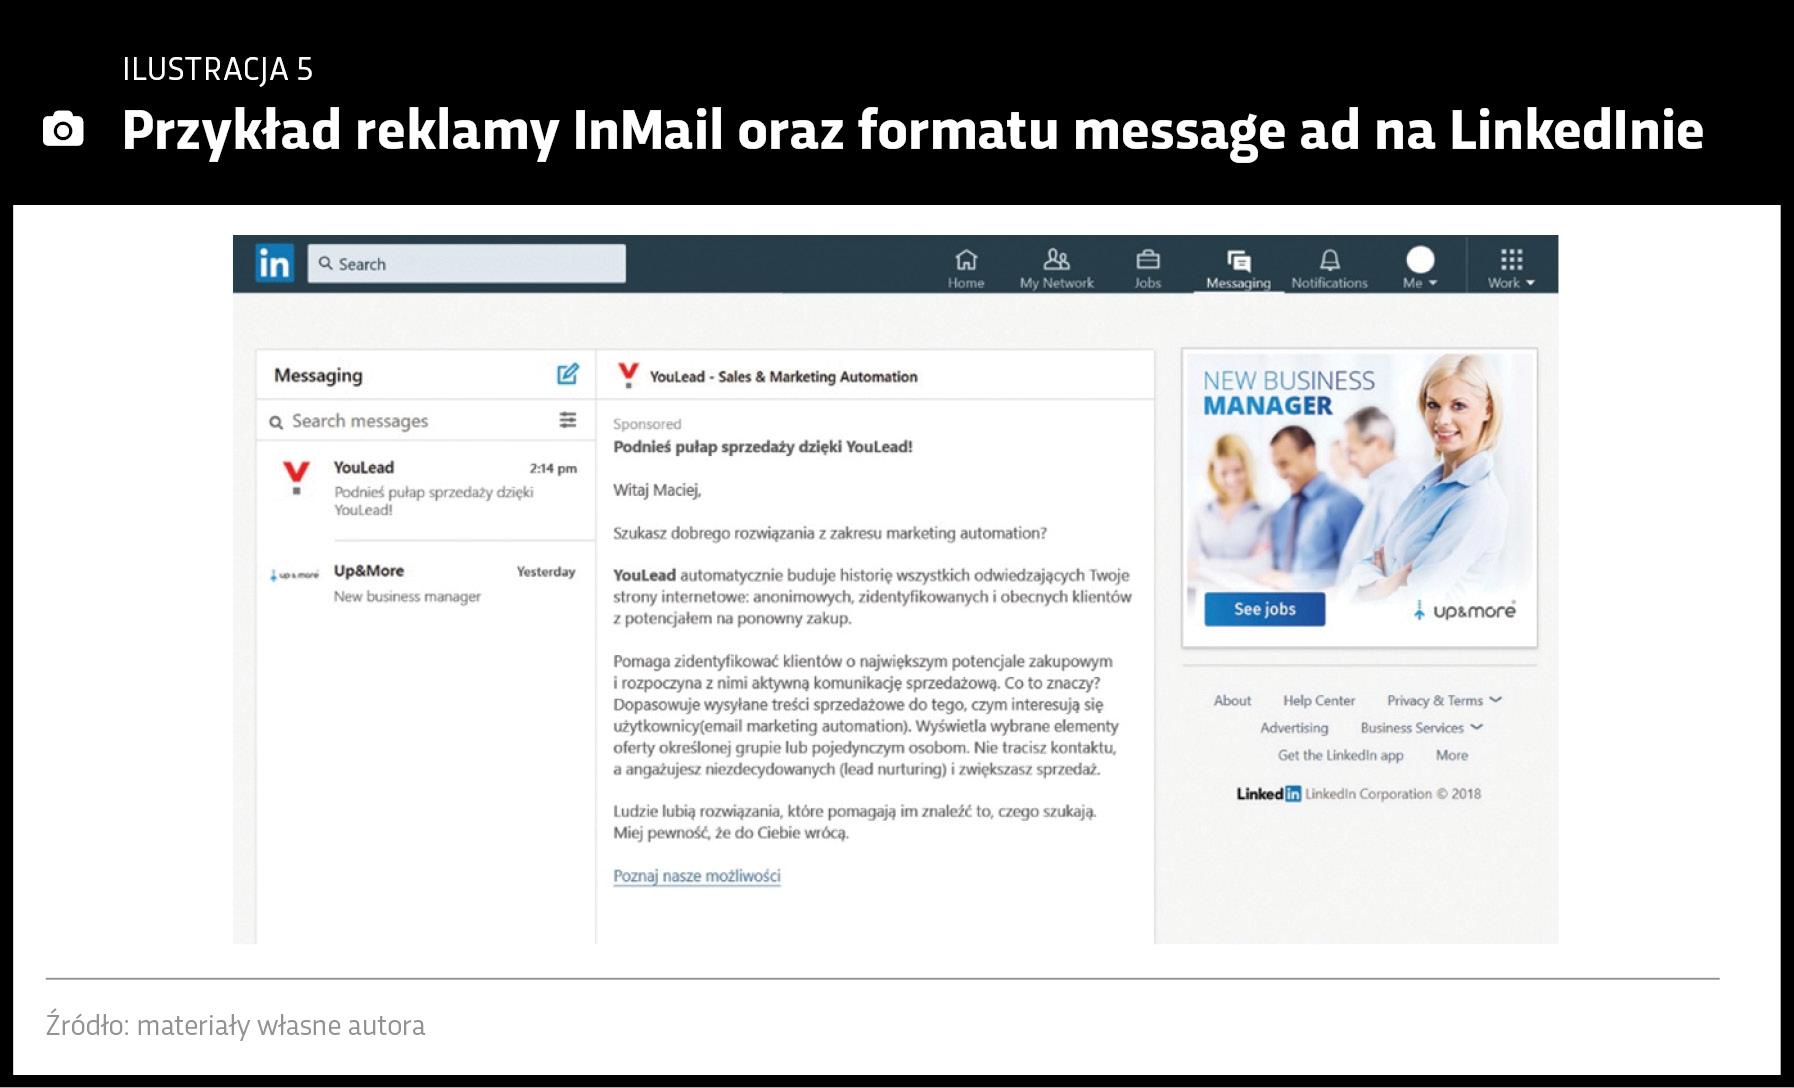 Przykład reklamy InMail na LinkedIn